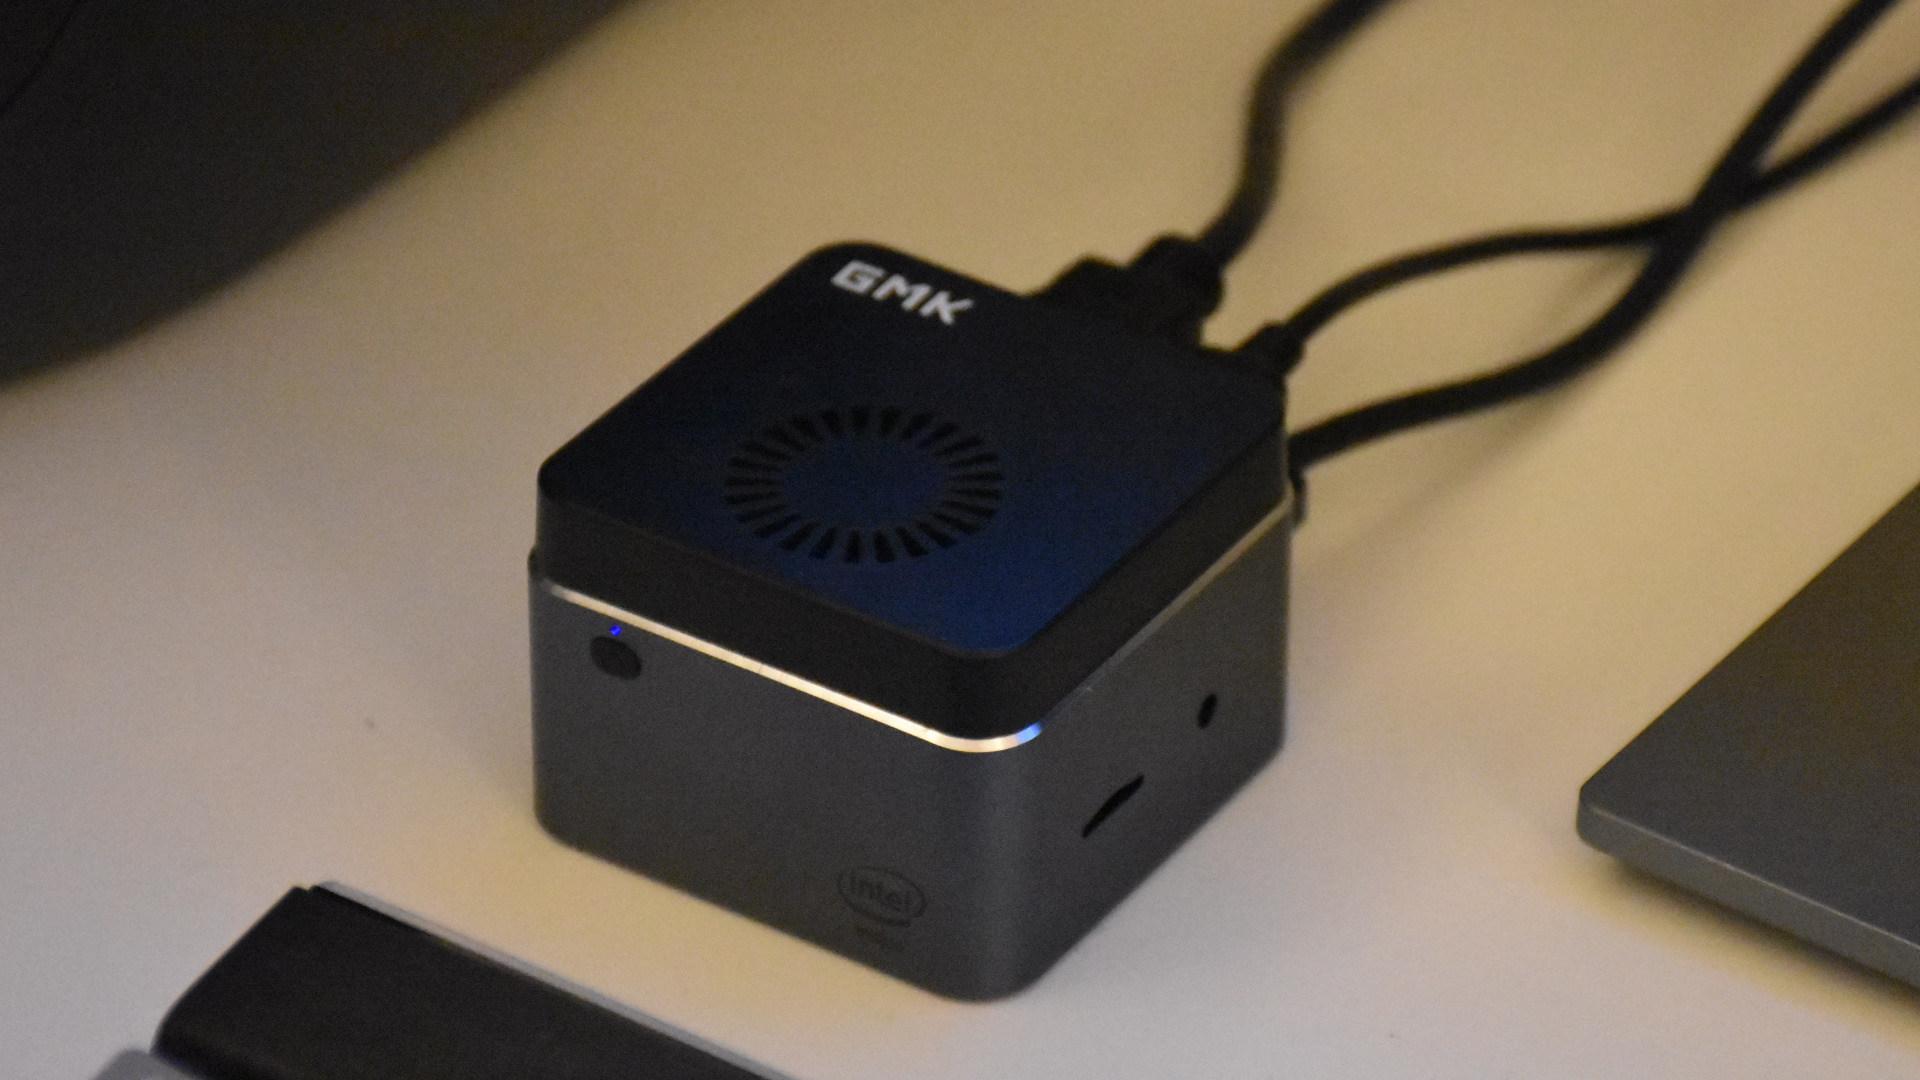 mini-pc, mini-rechner, GMK NucBox, NucBox, GMK